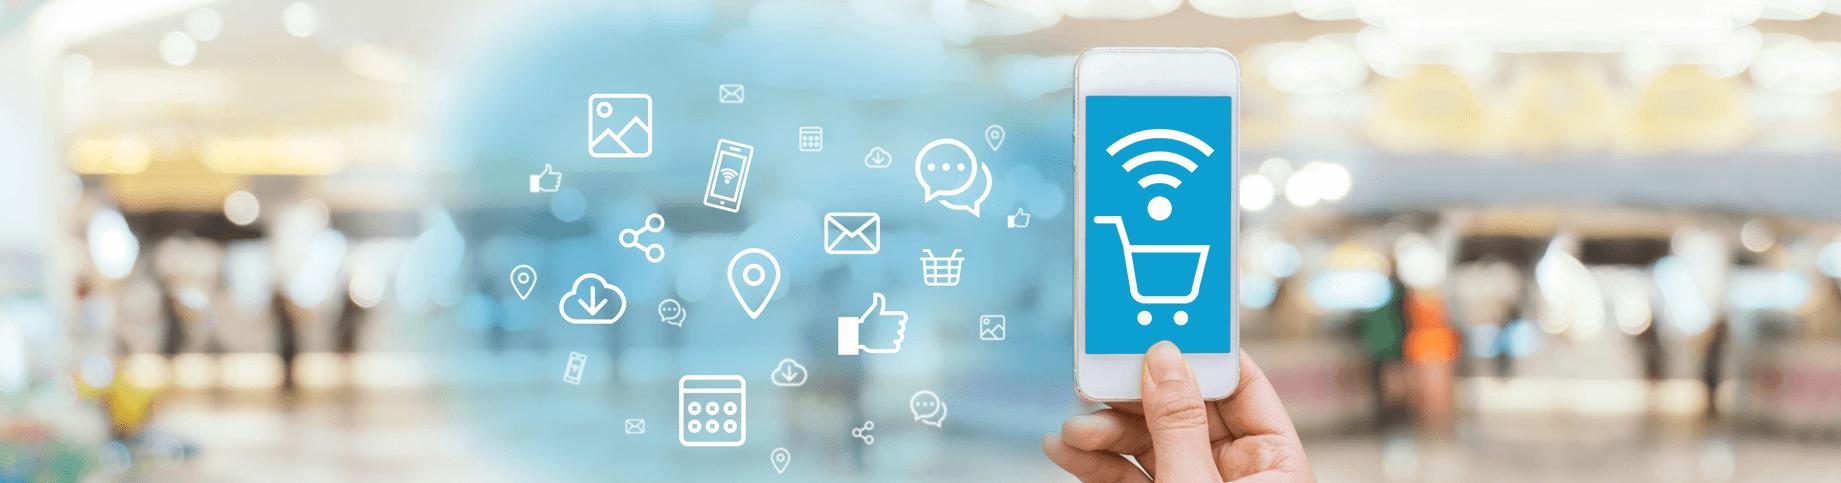 Ofereça hotspots de Wi-Fi para clientes e venda mais